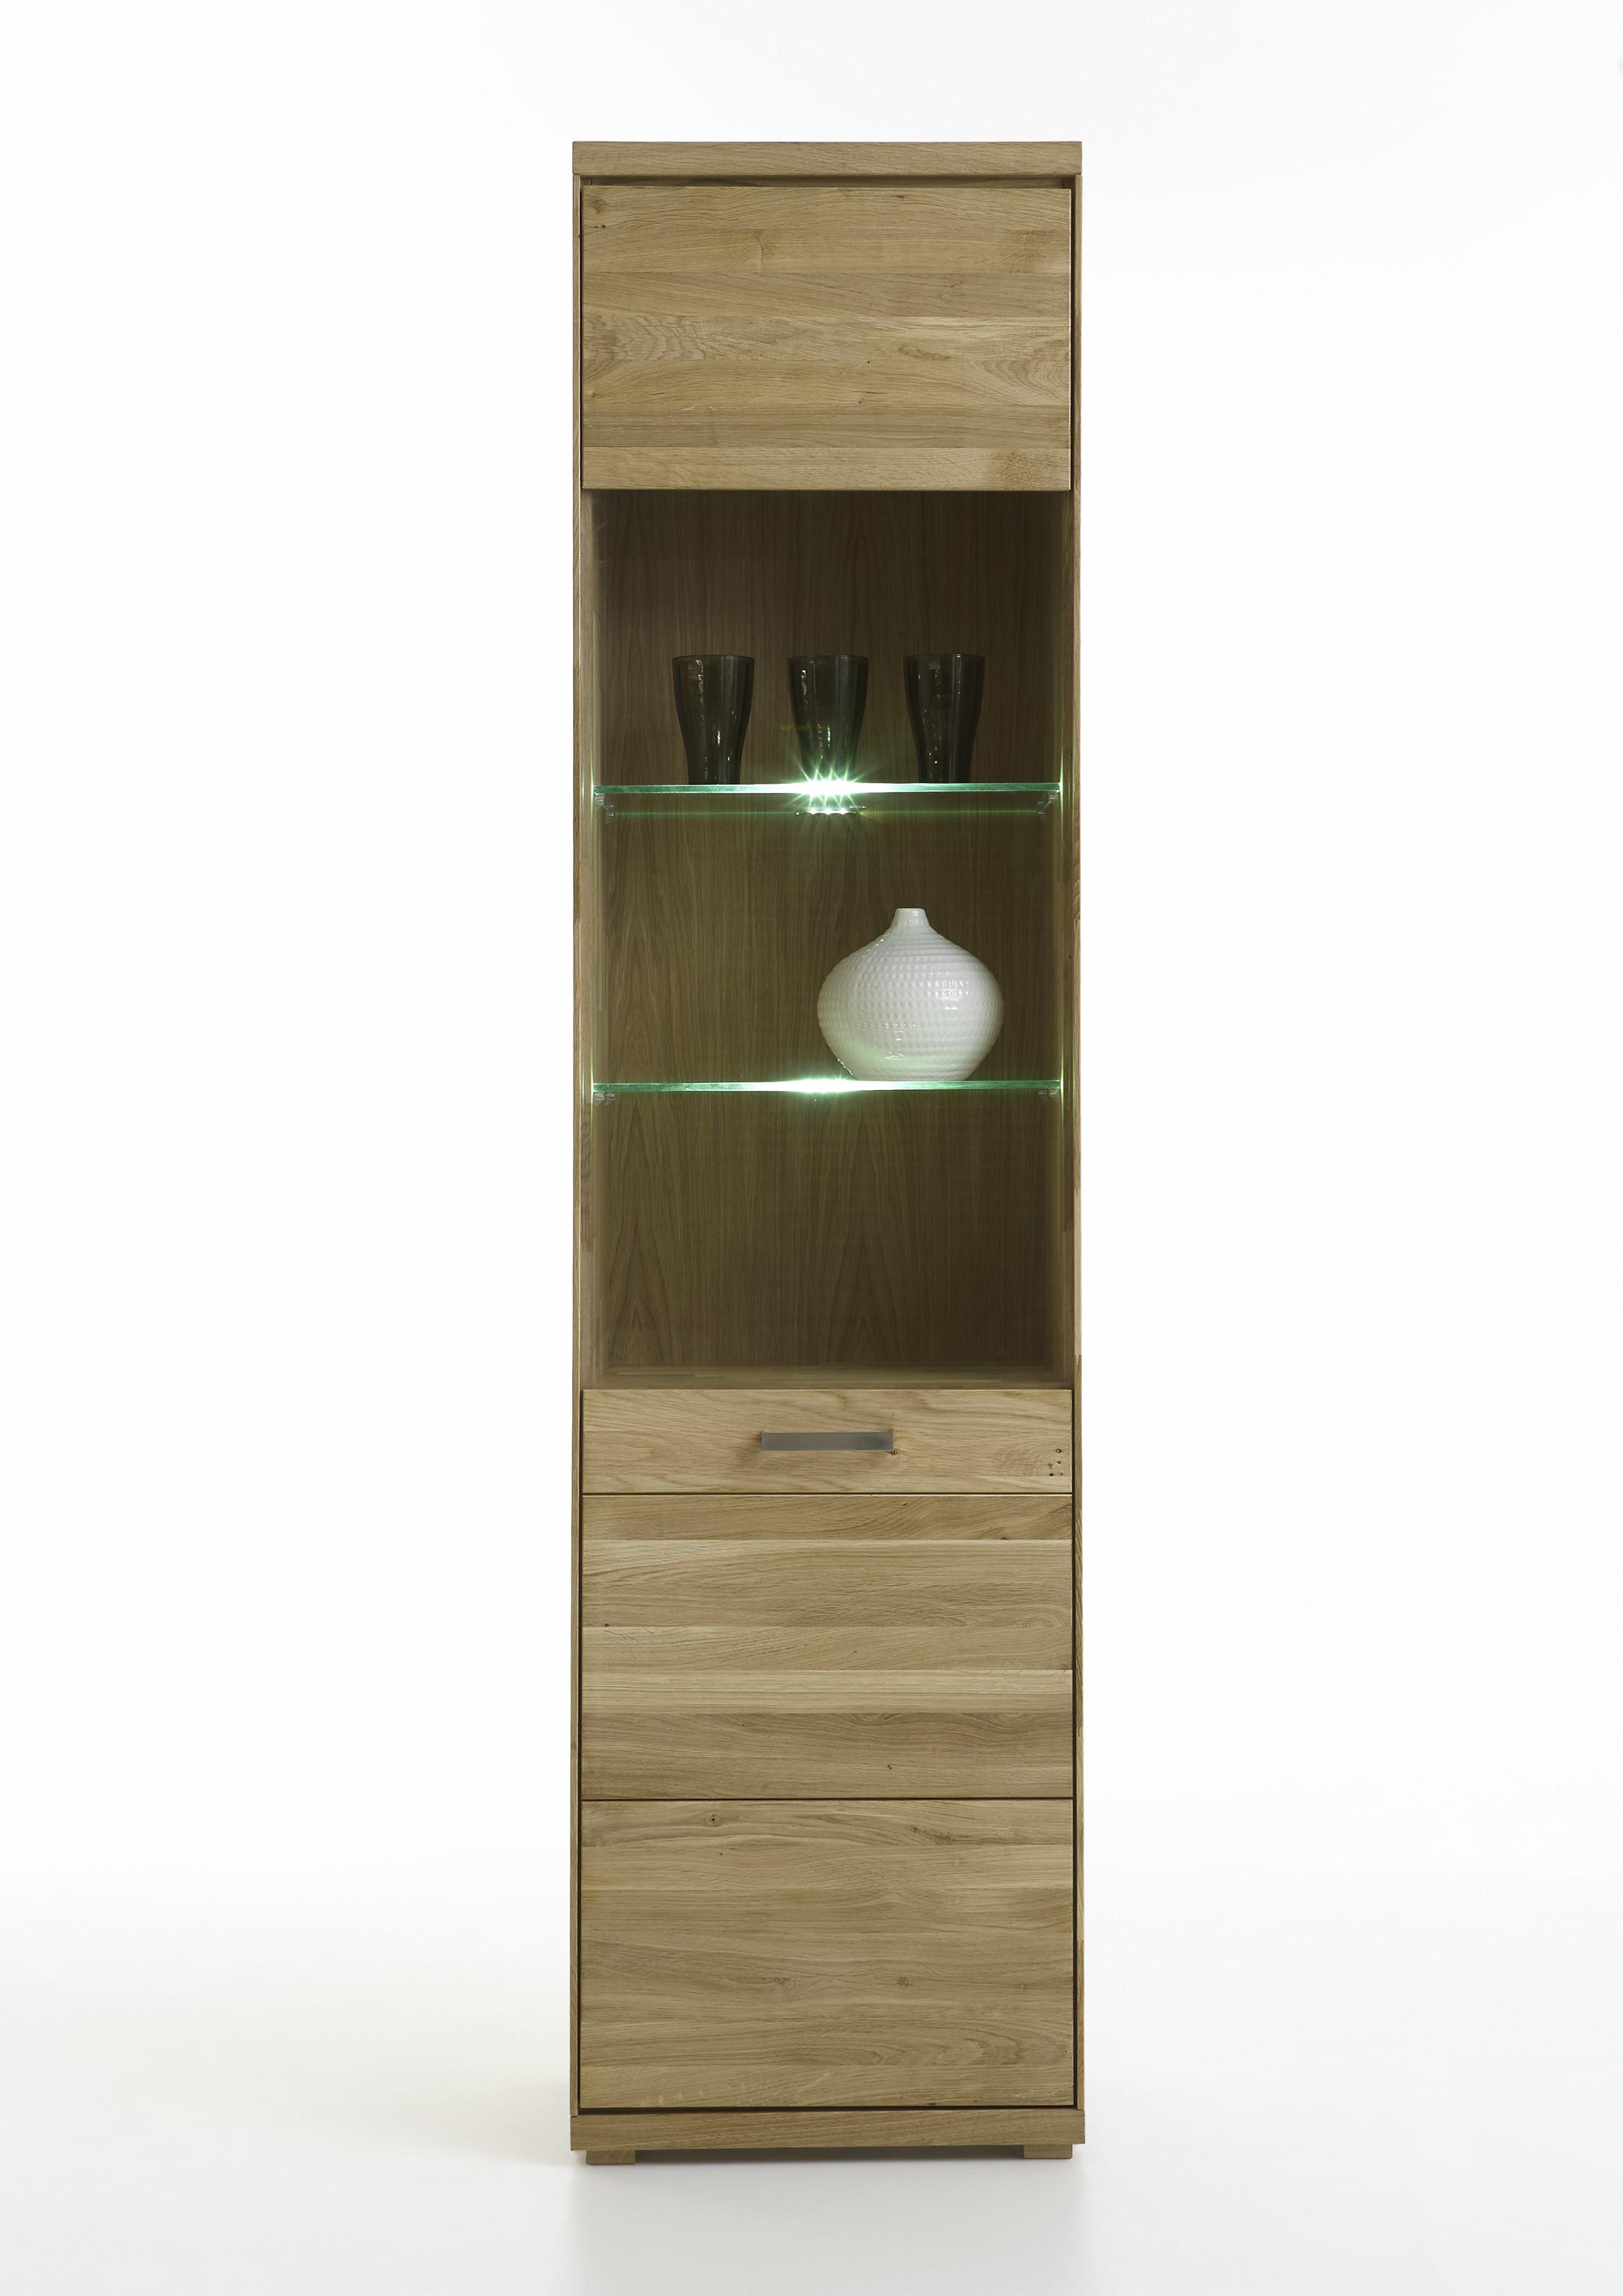 elfo vitrine mia schmal wildeiche oder kernbuche massivholz geolt glasschrank art nr 2901 6901